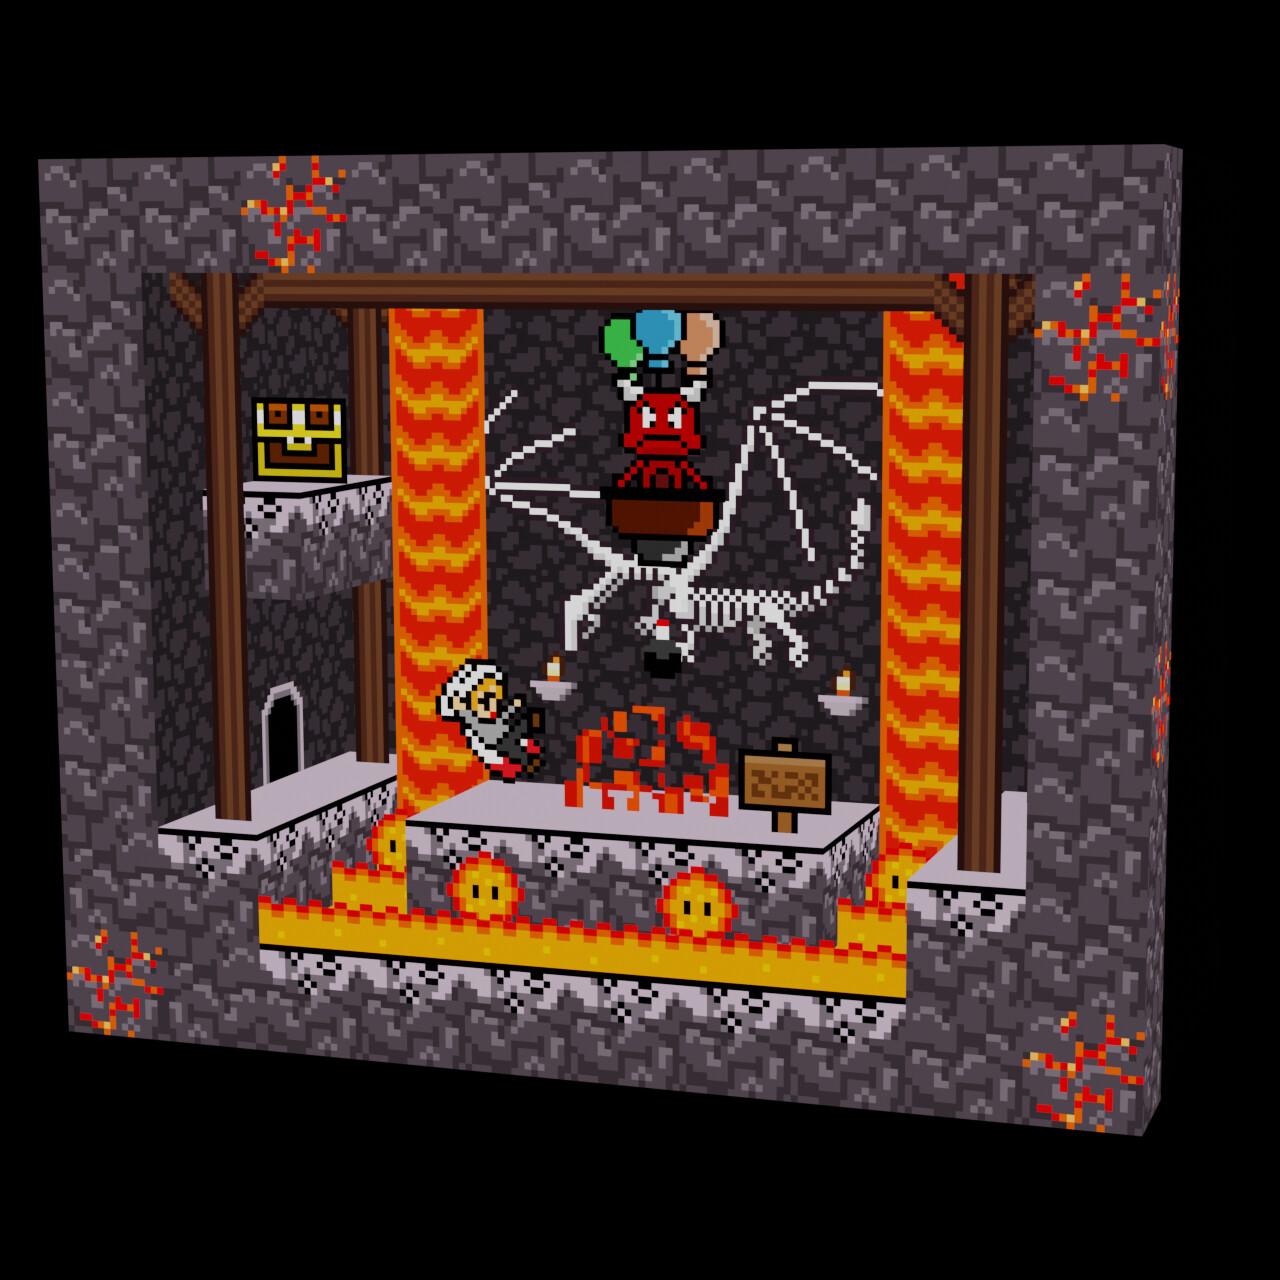 Magick - Chapter 2 (Diorama 3D)